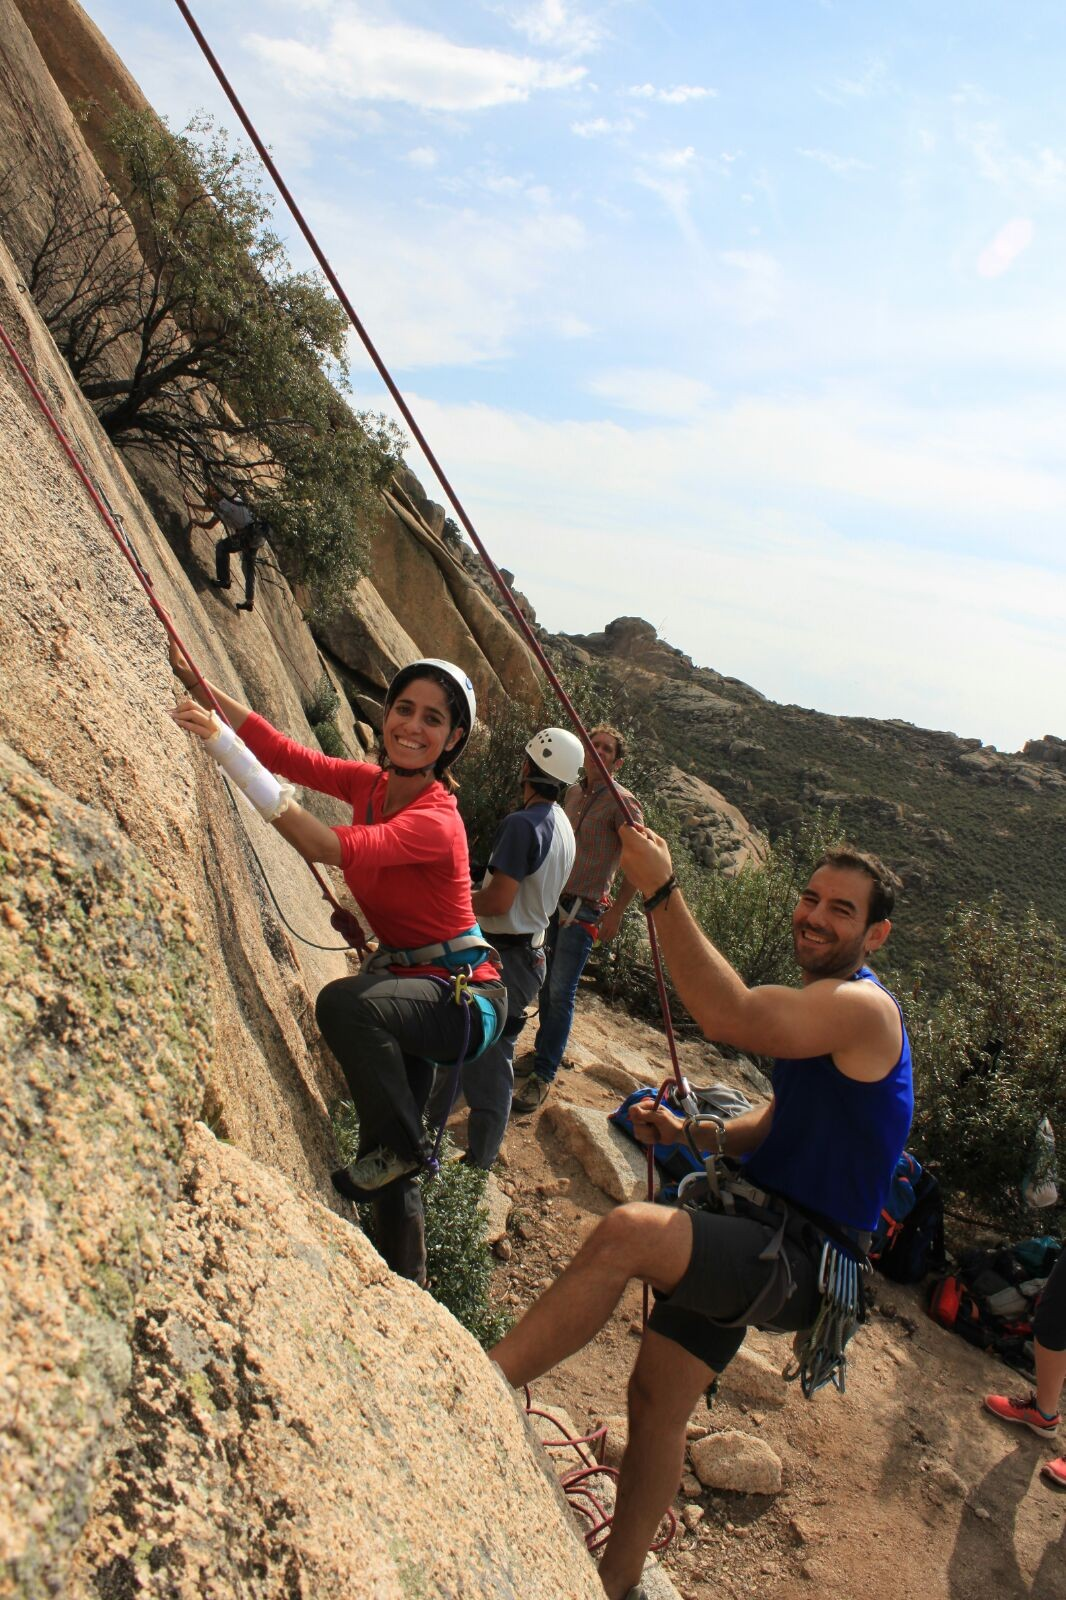 Comenzar a escalar es una de las mejores experiencias deportivas que hay.